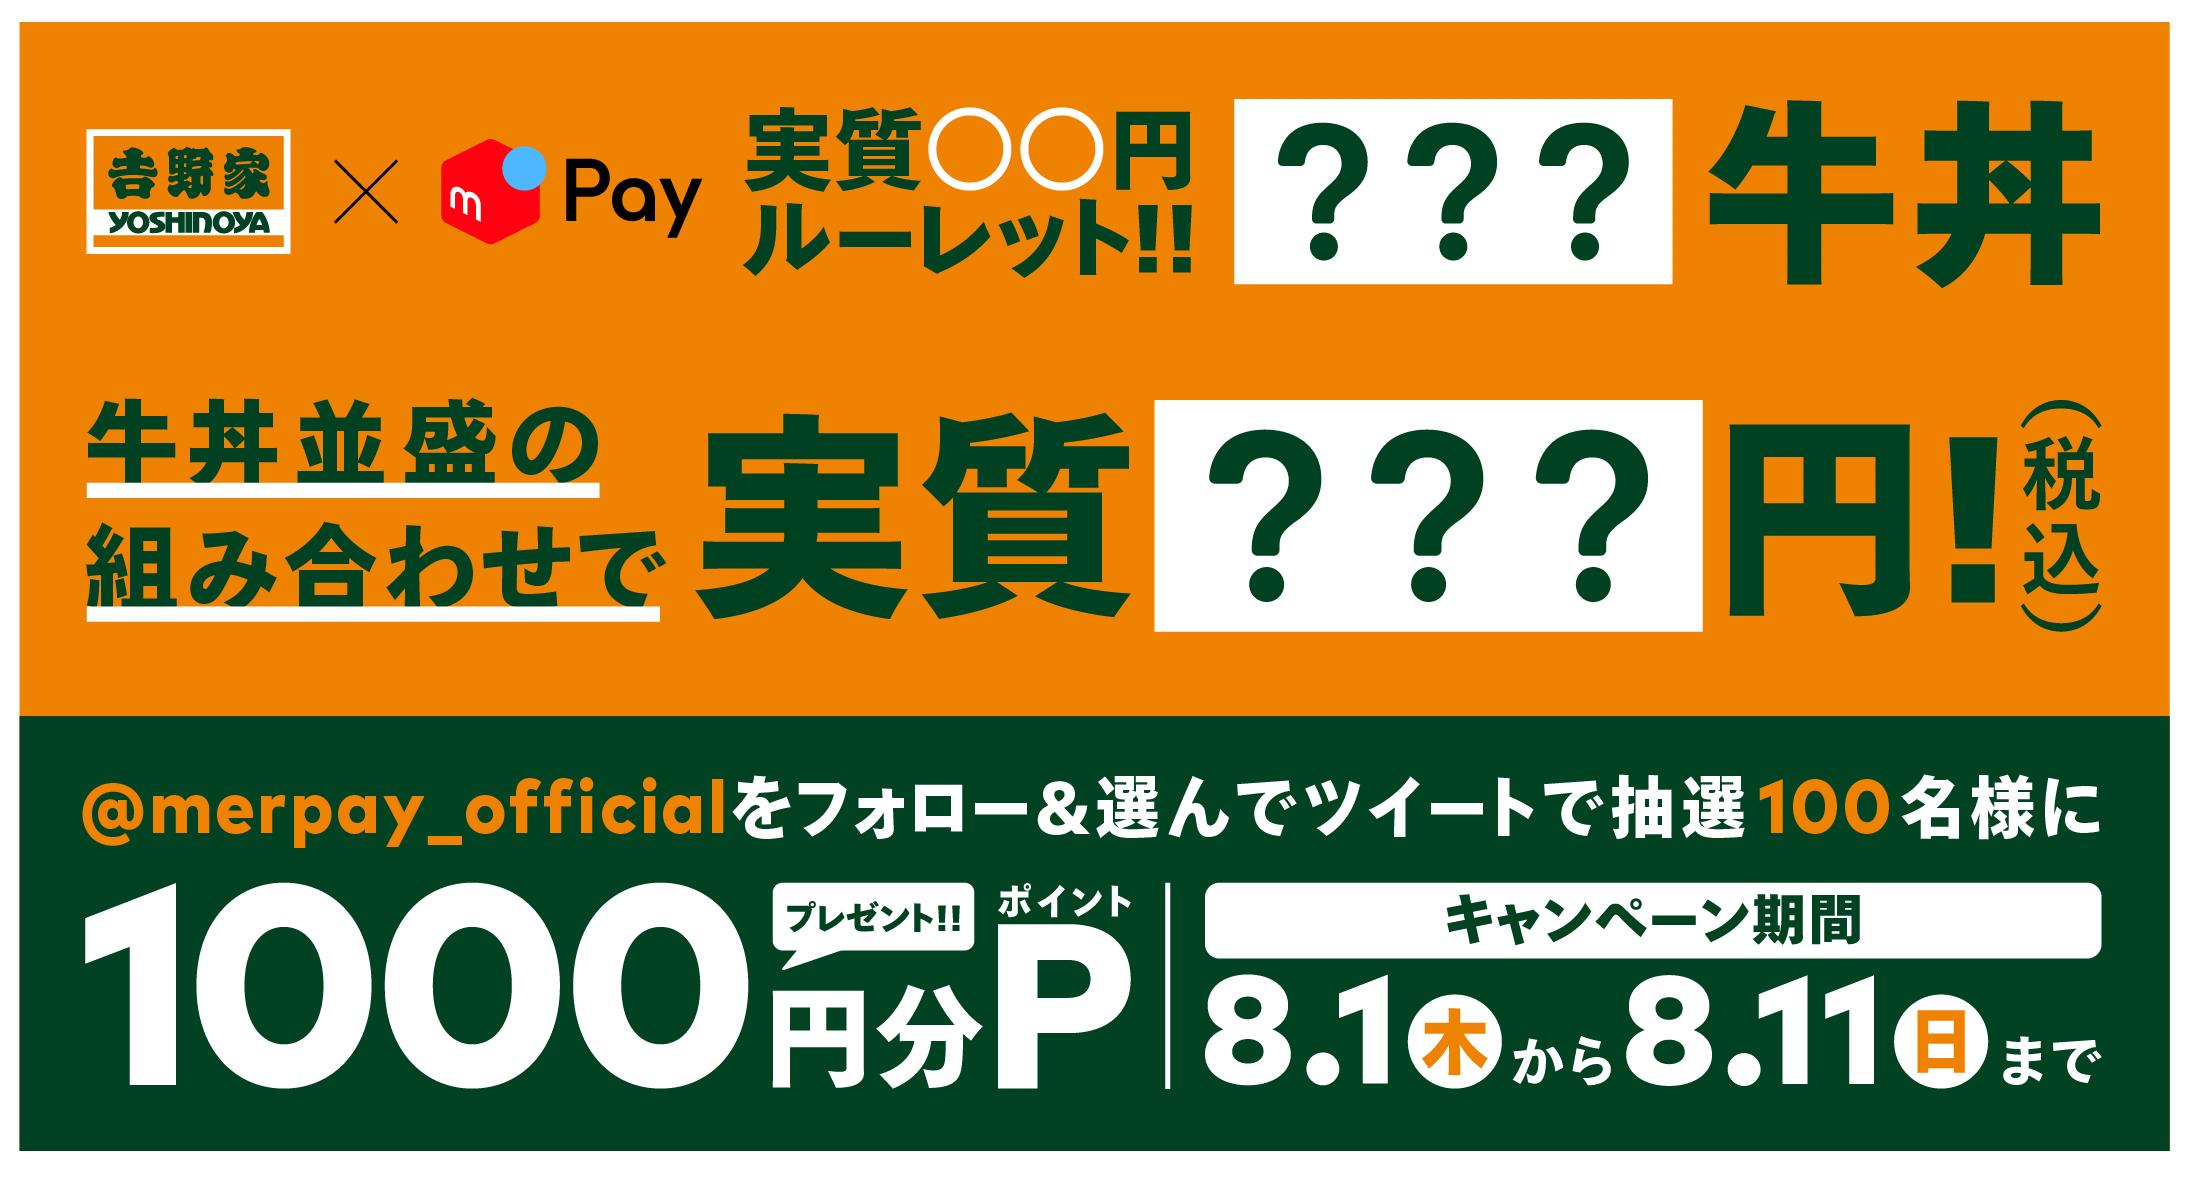 【8/1〜8/11】吉野家の牛丼が実質◯◯円!? メルペイTwitterキャンペーン開催